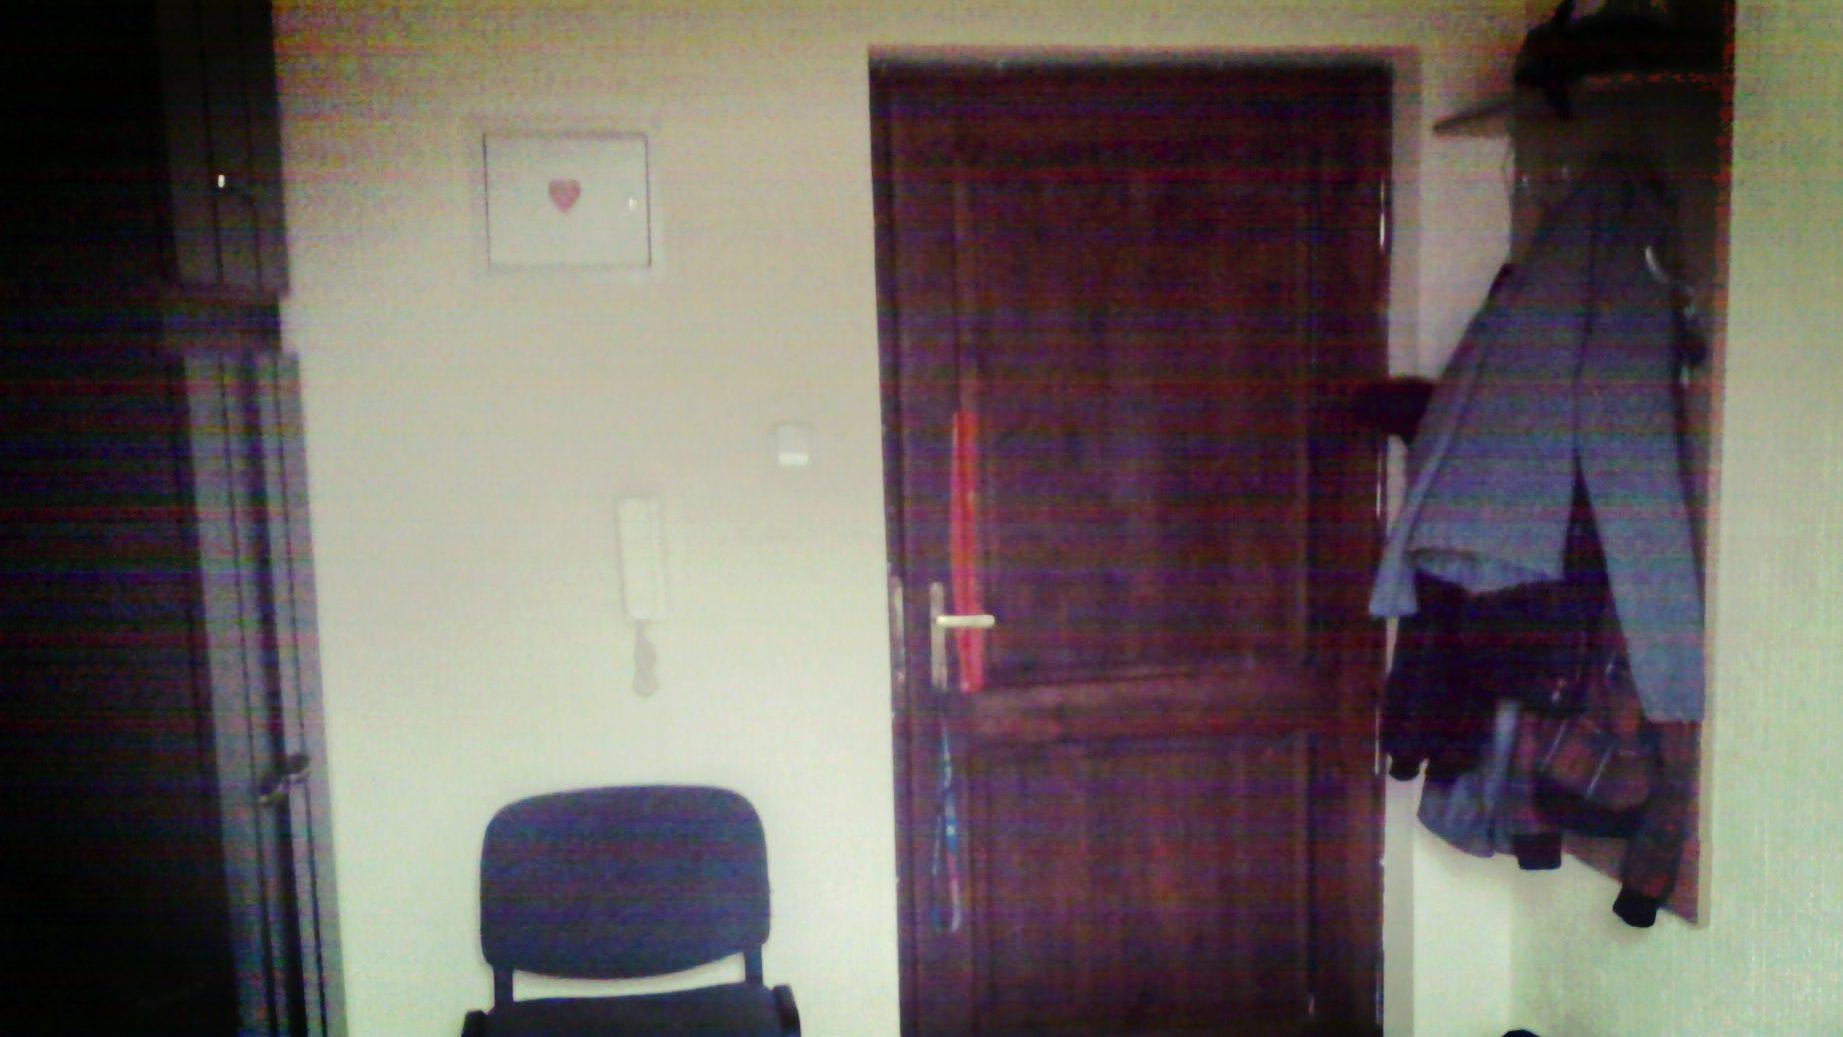 Pierwsze dni w mojej kawalerce. Dziurę w drzwiach zakleiłem taśmą i jakoś do przodu. Dziś się z tego nawet śmieję, bo w moim mieszkaniu mam nawet samozamykacz 🙂.